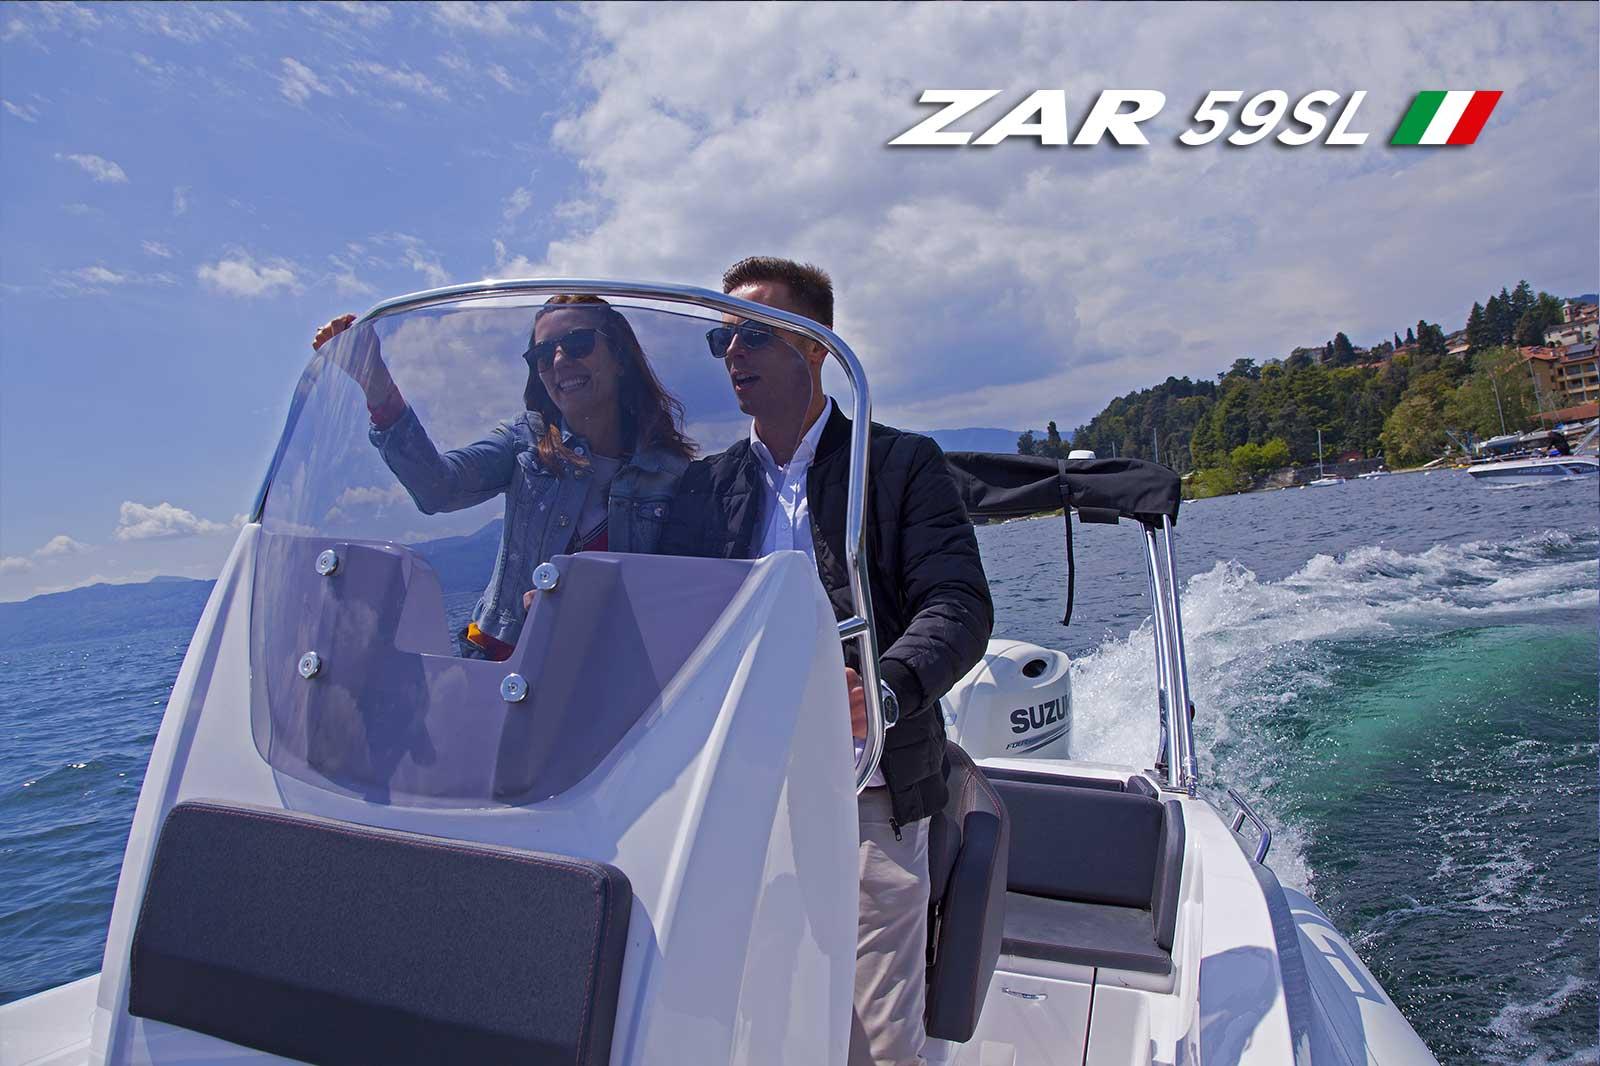 Zar59 11